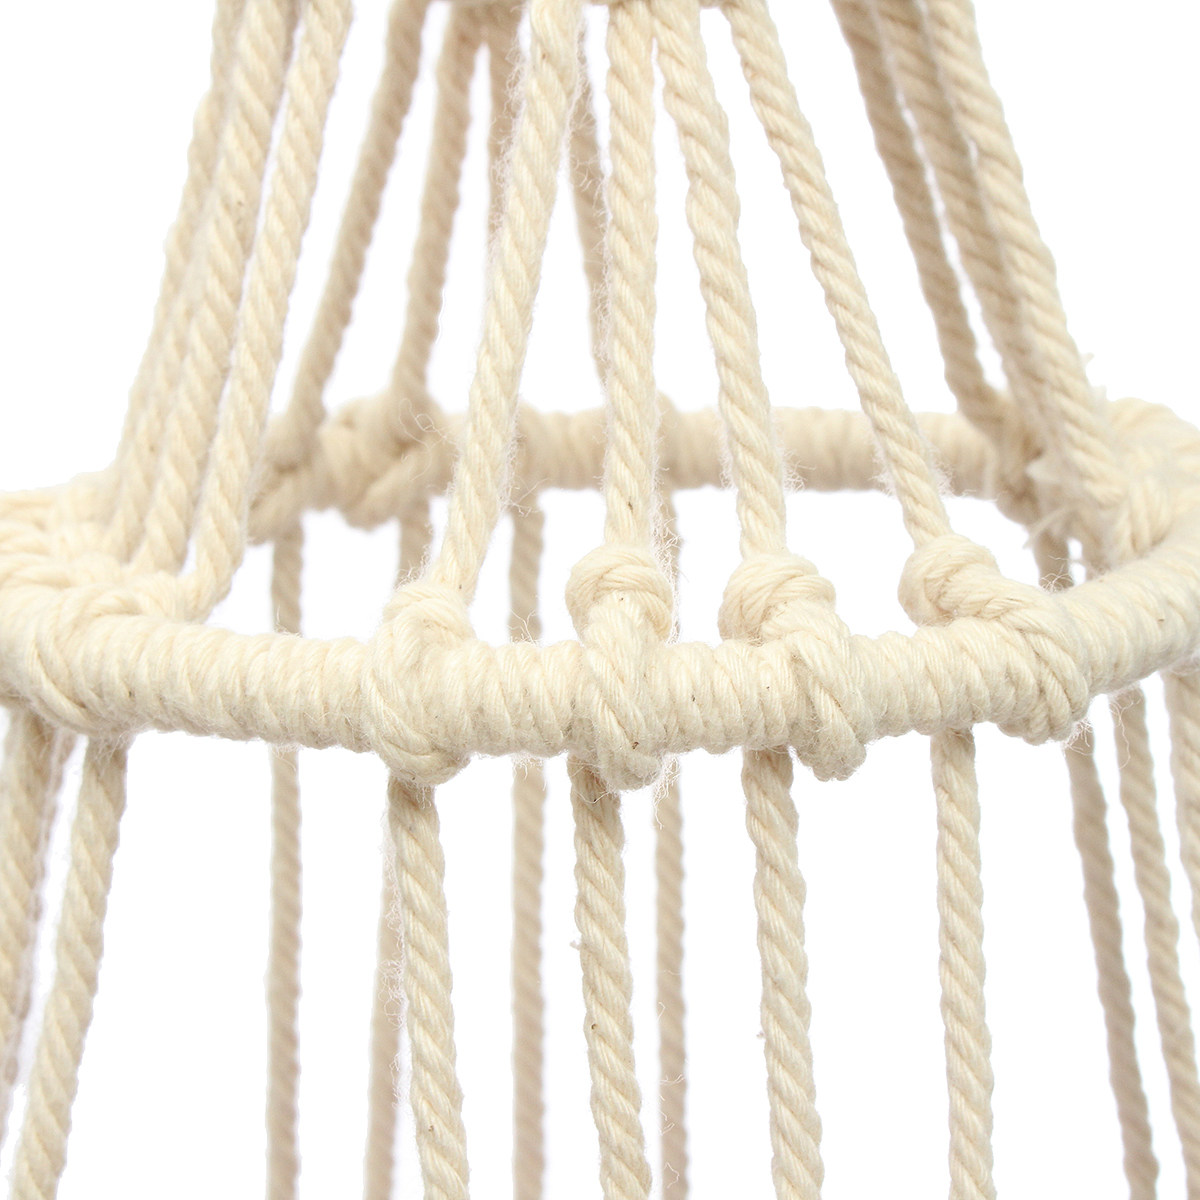 63cm 4 Legs Creamy-white Jute Plant Hanger Flower Pot Holder Flowerbed Hanging Basket